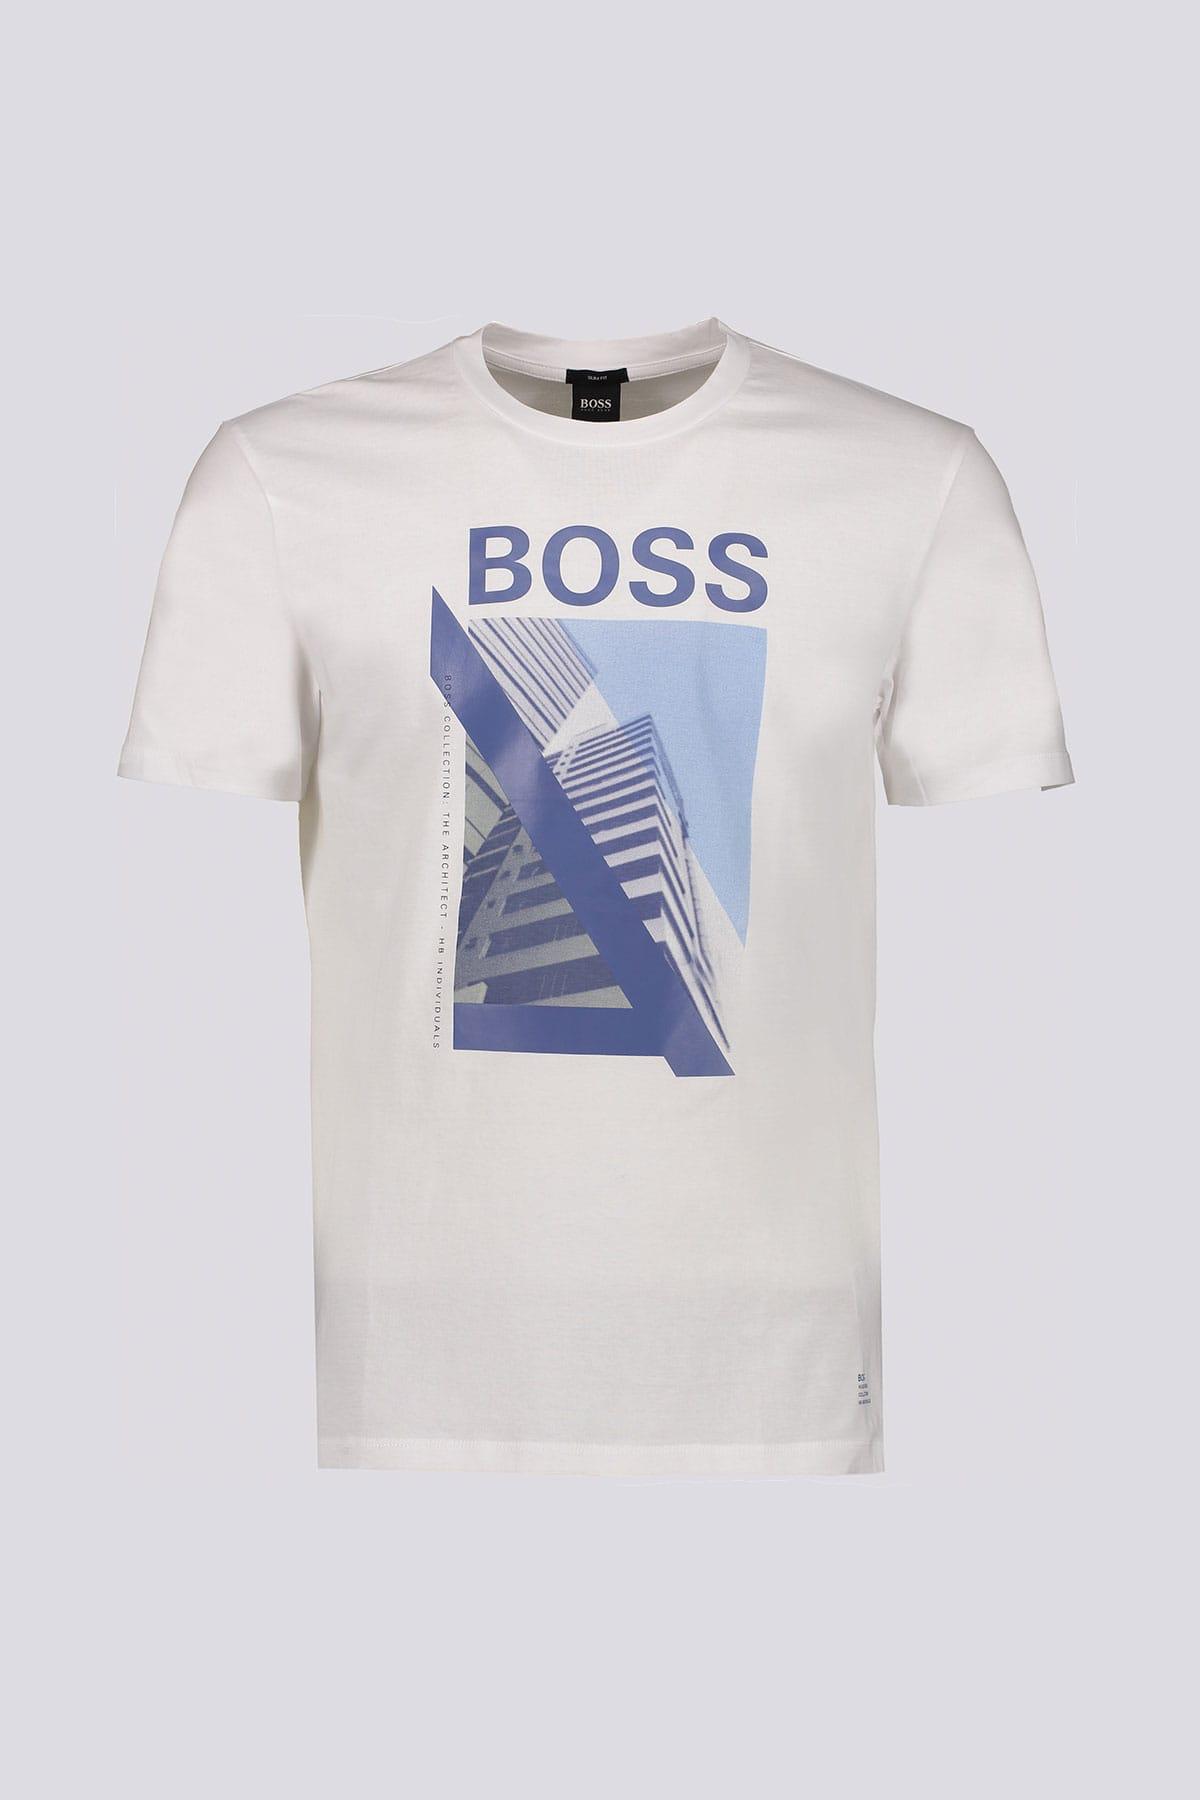 Playera marca BOSS  slim fit de algodón con ilustración de nueva temporada